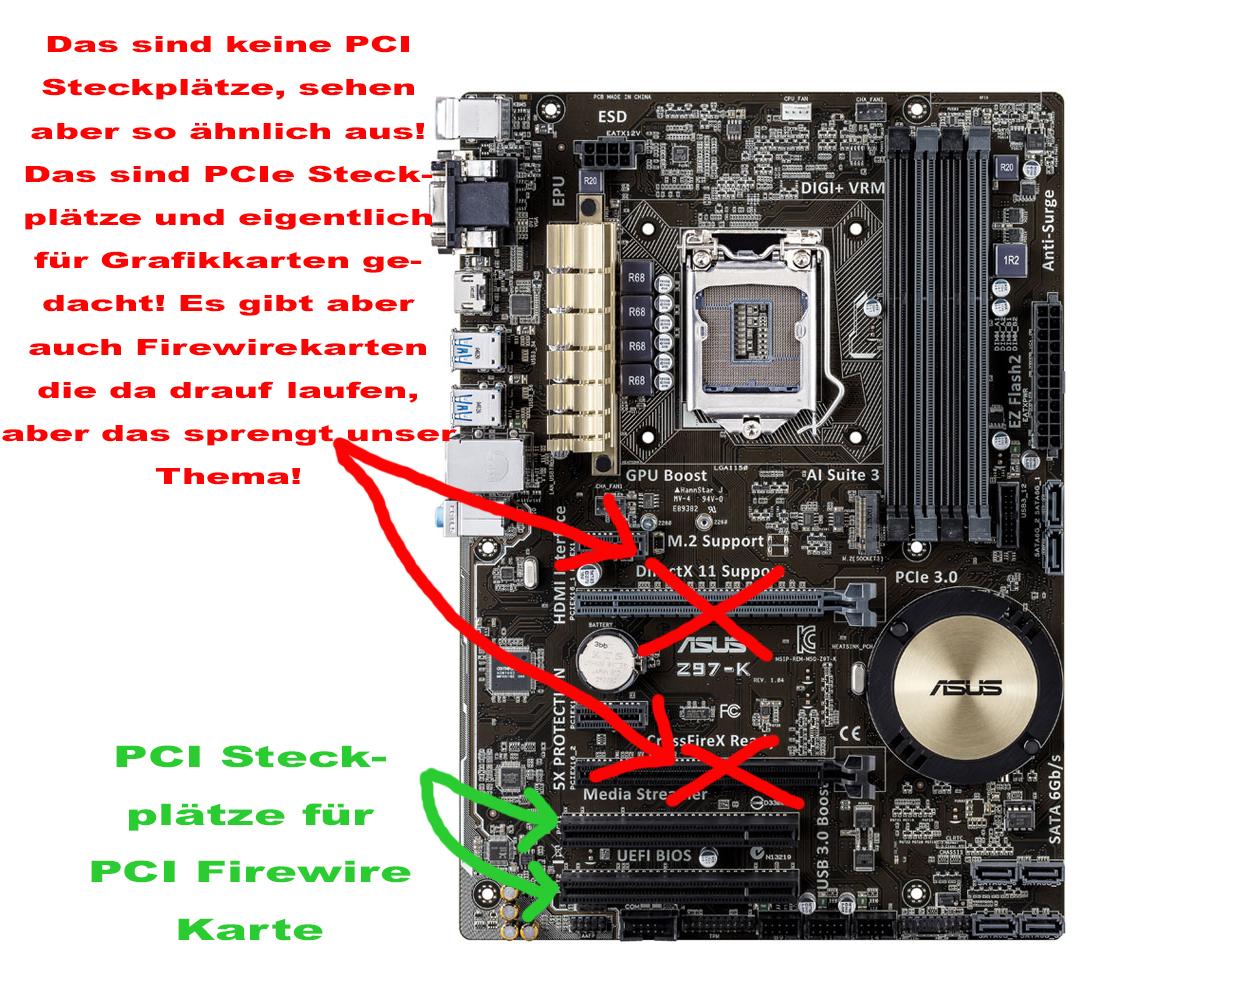 PC ganz einfach mit Firewire PCI Karte aufrüsten | Sequencer.de ...